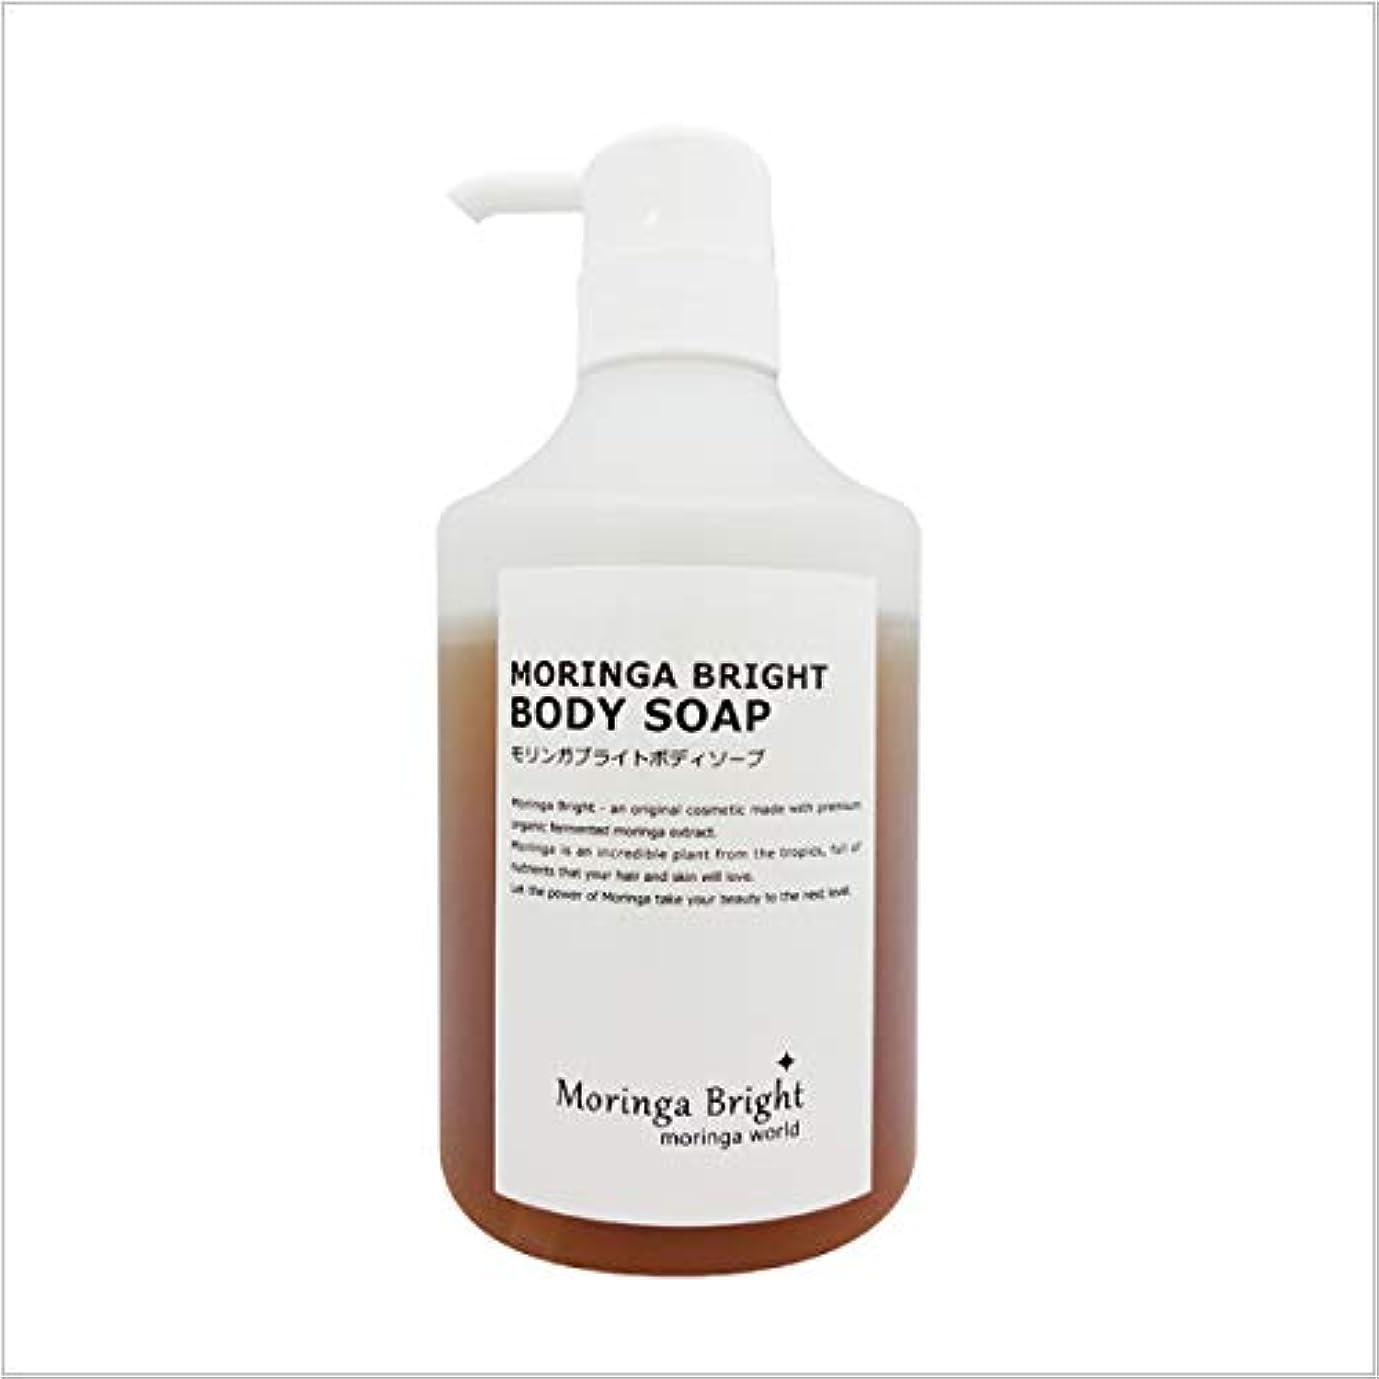 品種別れる労働モリンガブライトボディソープ450ml 最上級の無添加ボディソープ(洗顔?洗髪にも) 国内初の保湿美容成分『発酵モリンガエキス』配合